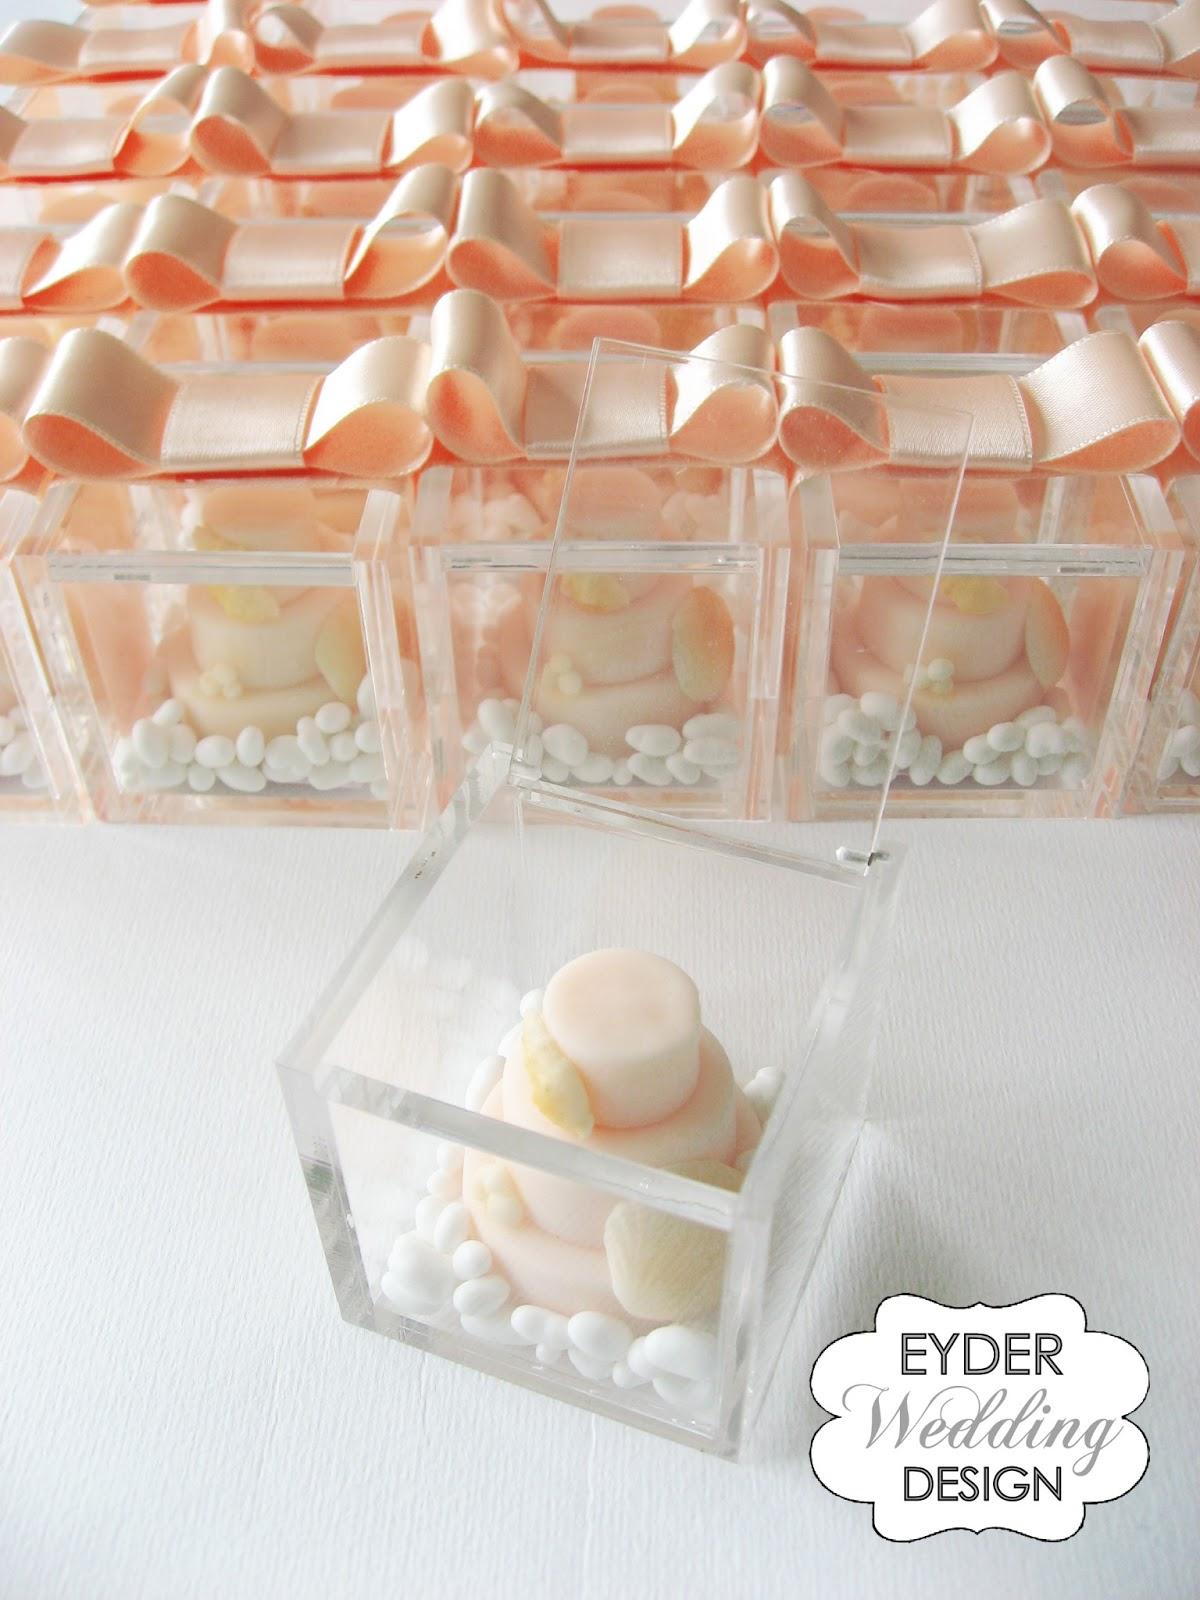 Famoso EYDER Wedding DESIGN: Scatole degustazione e bomboniere in plexiglass IA71